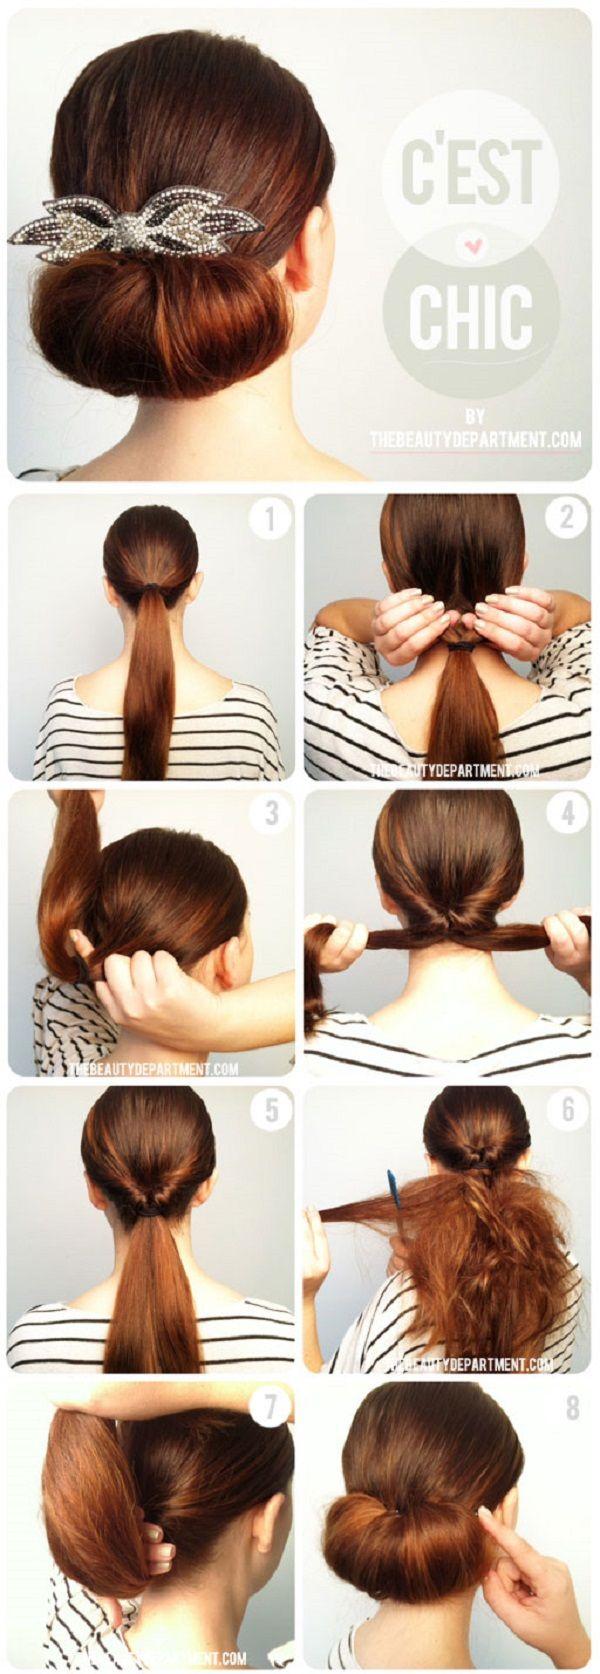 DIY Hair Tutorials - How to do a Bun - MotivaNova